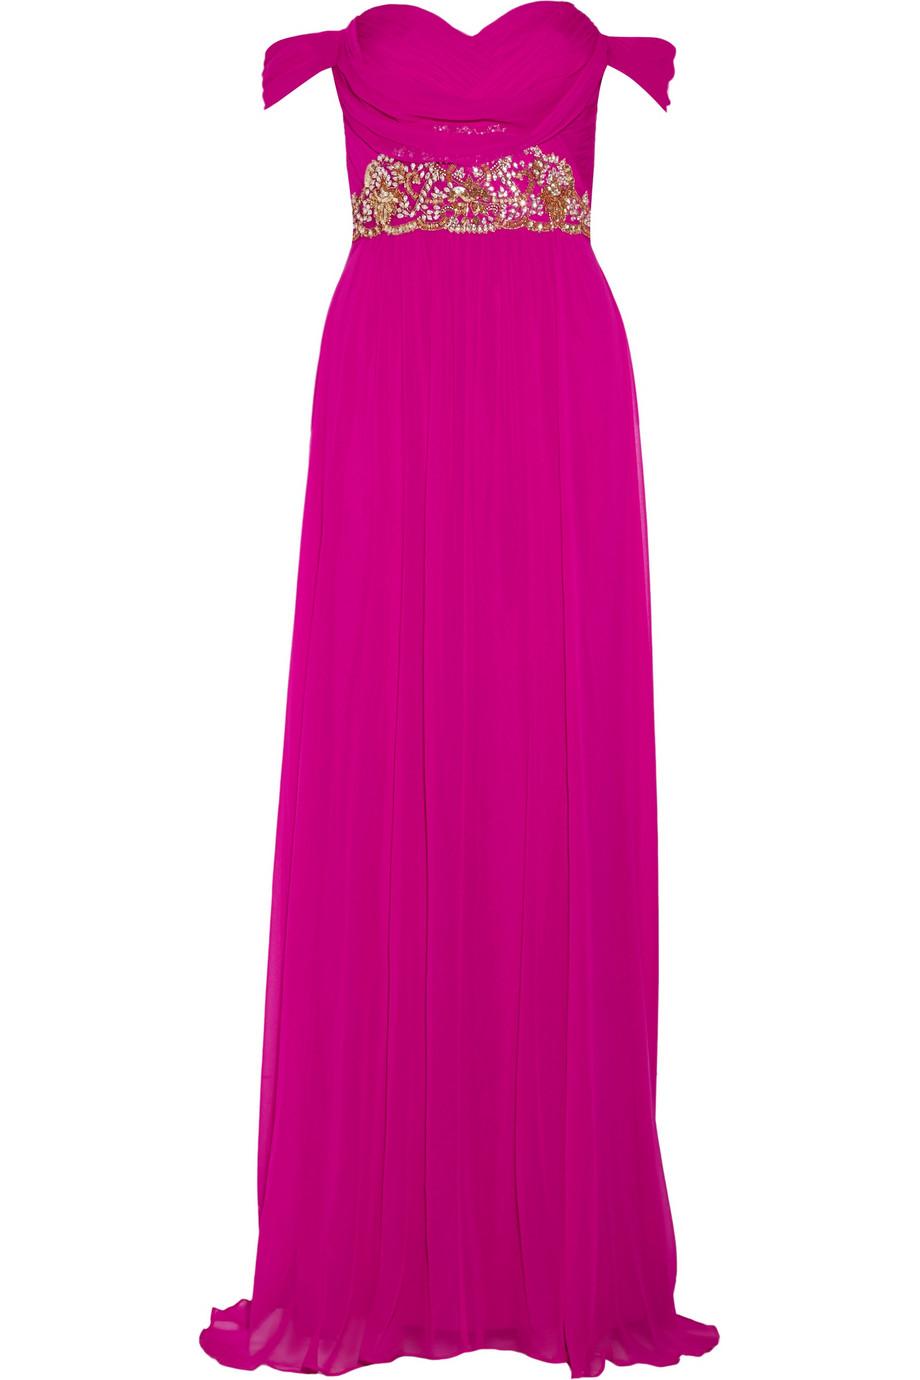 فستان وردي من مارتشيسا marchesa